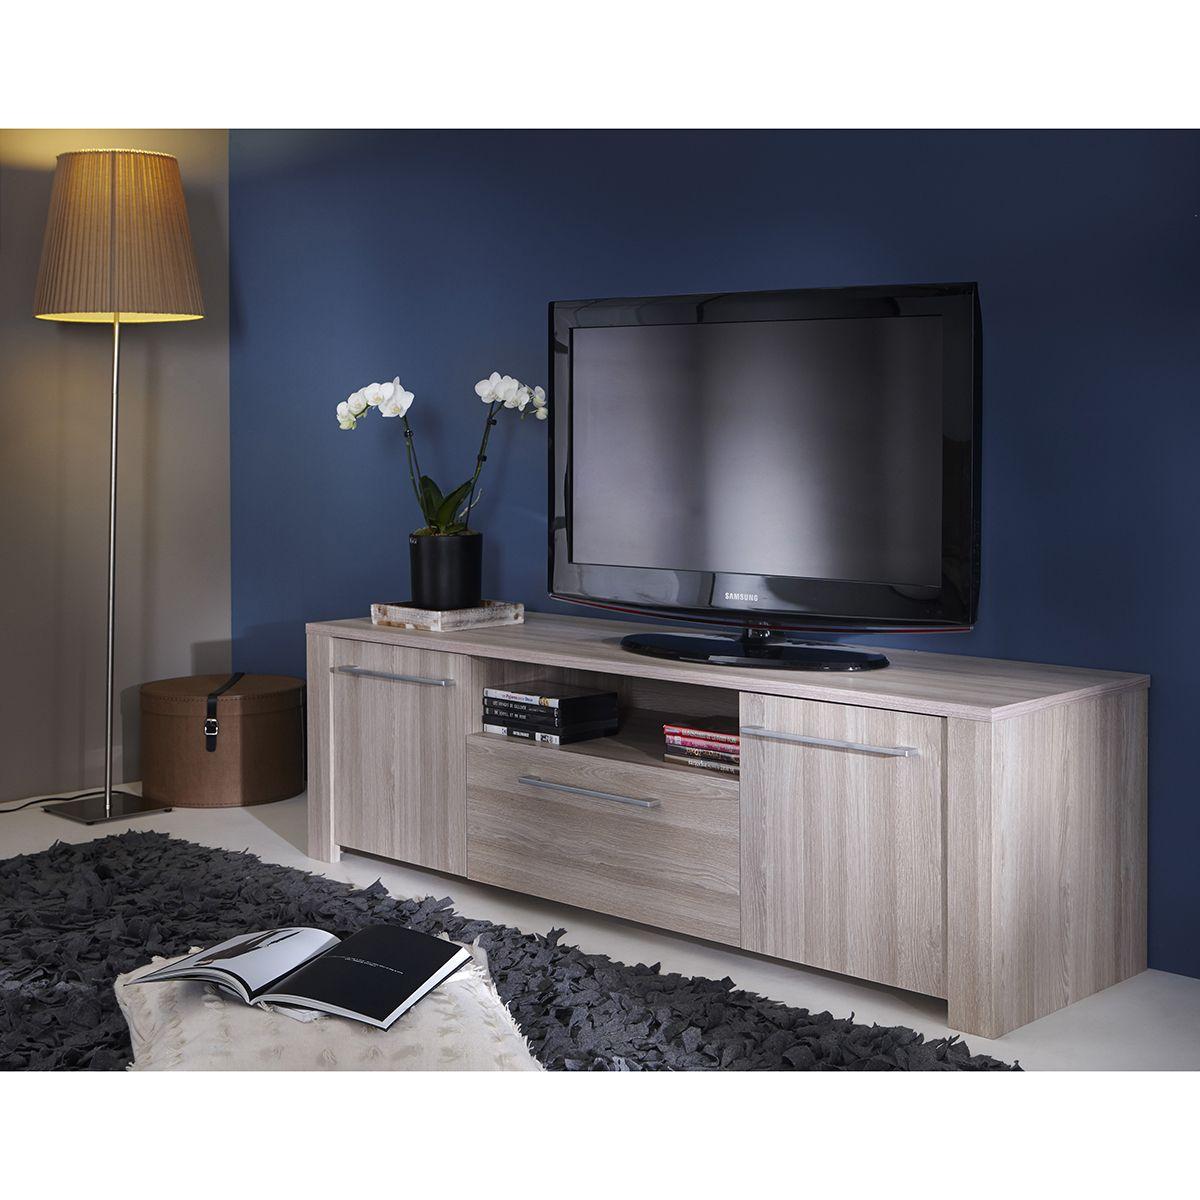 Meuble Tv 2 Portes 1 Tiroir Tati Meuble Tv Pinterest  # Meuble Tv Tati